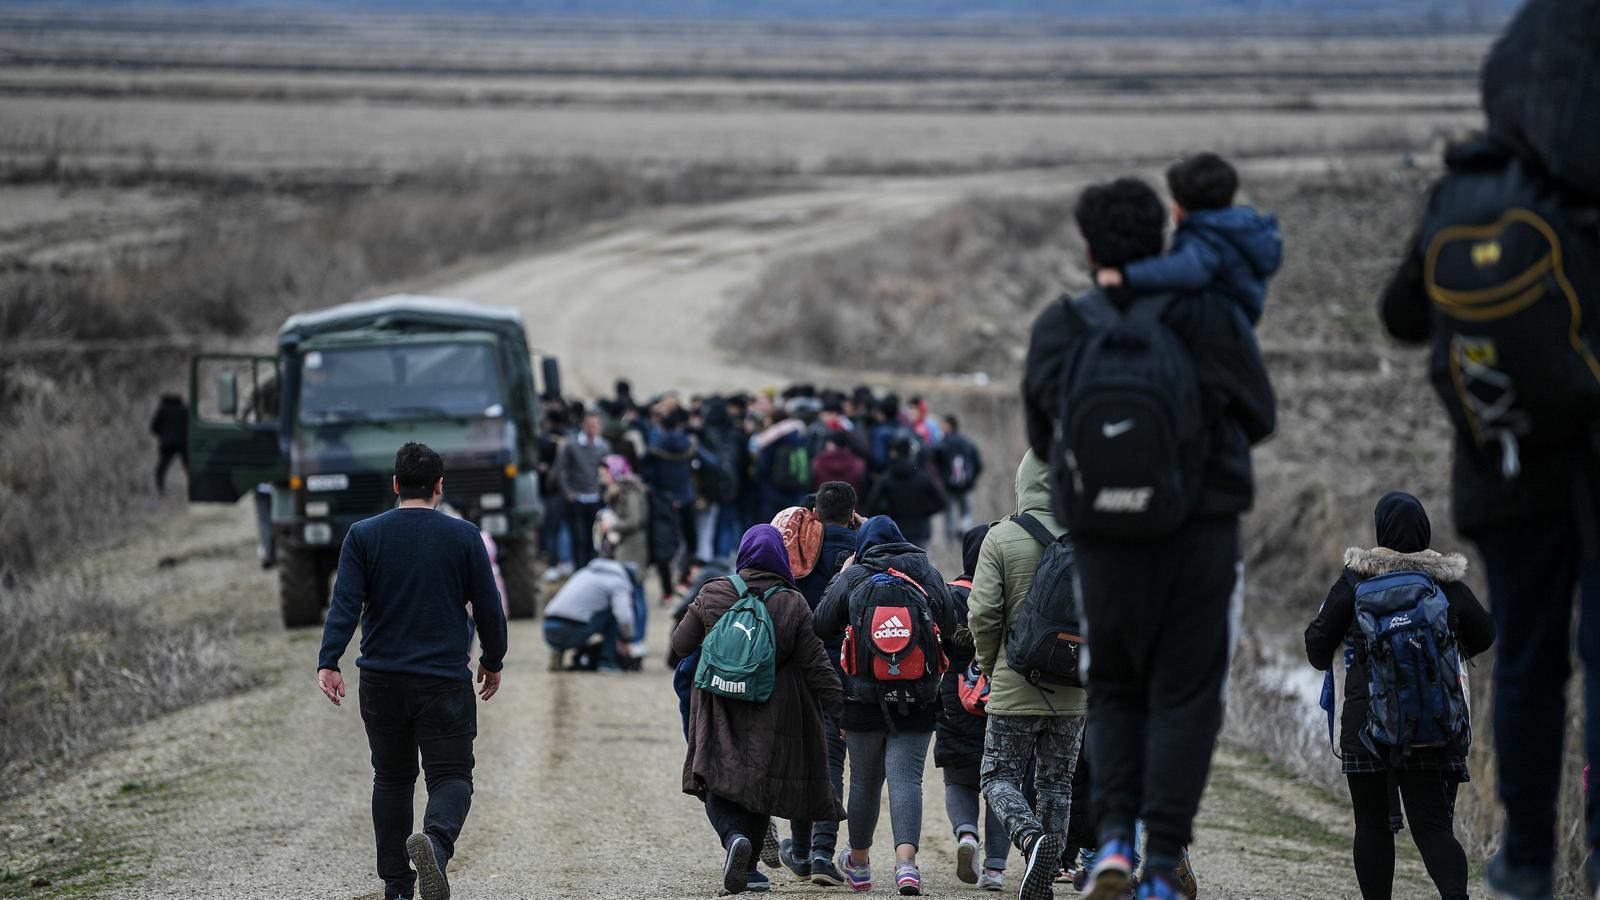 Turquia obre la frontera per pressionar la UE i Grècia atura el flux amb gasos lacrimògens